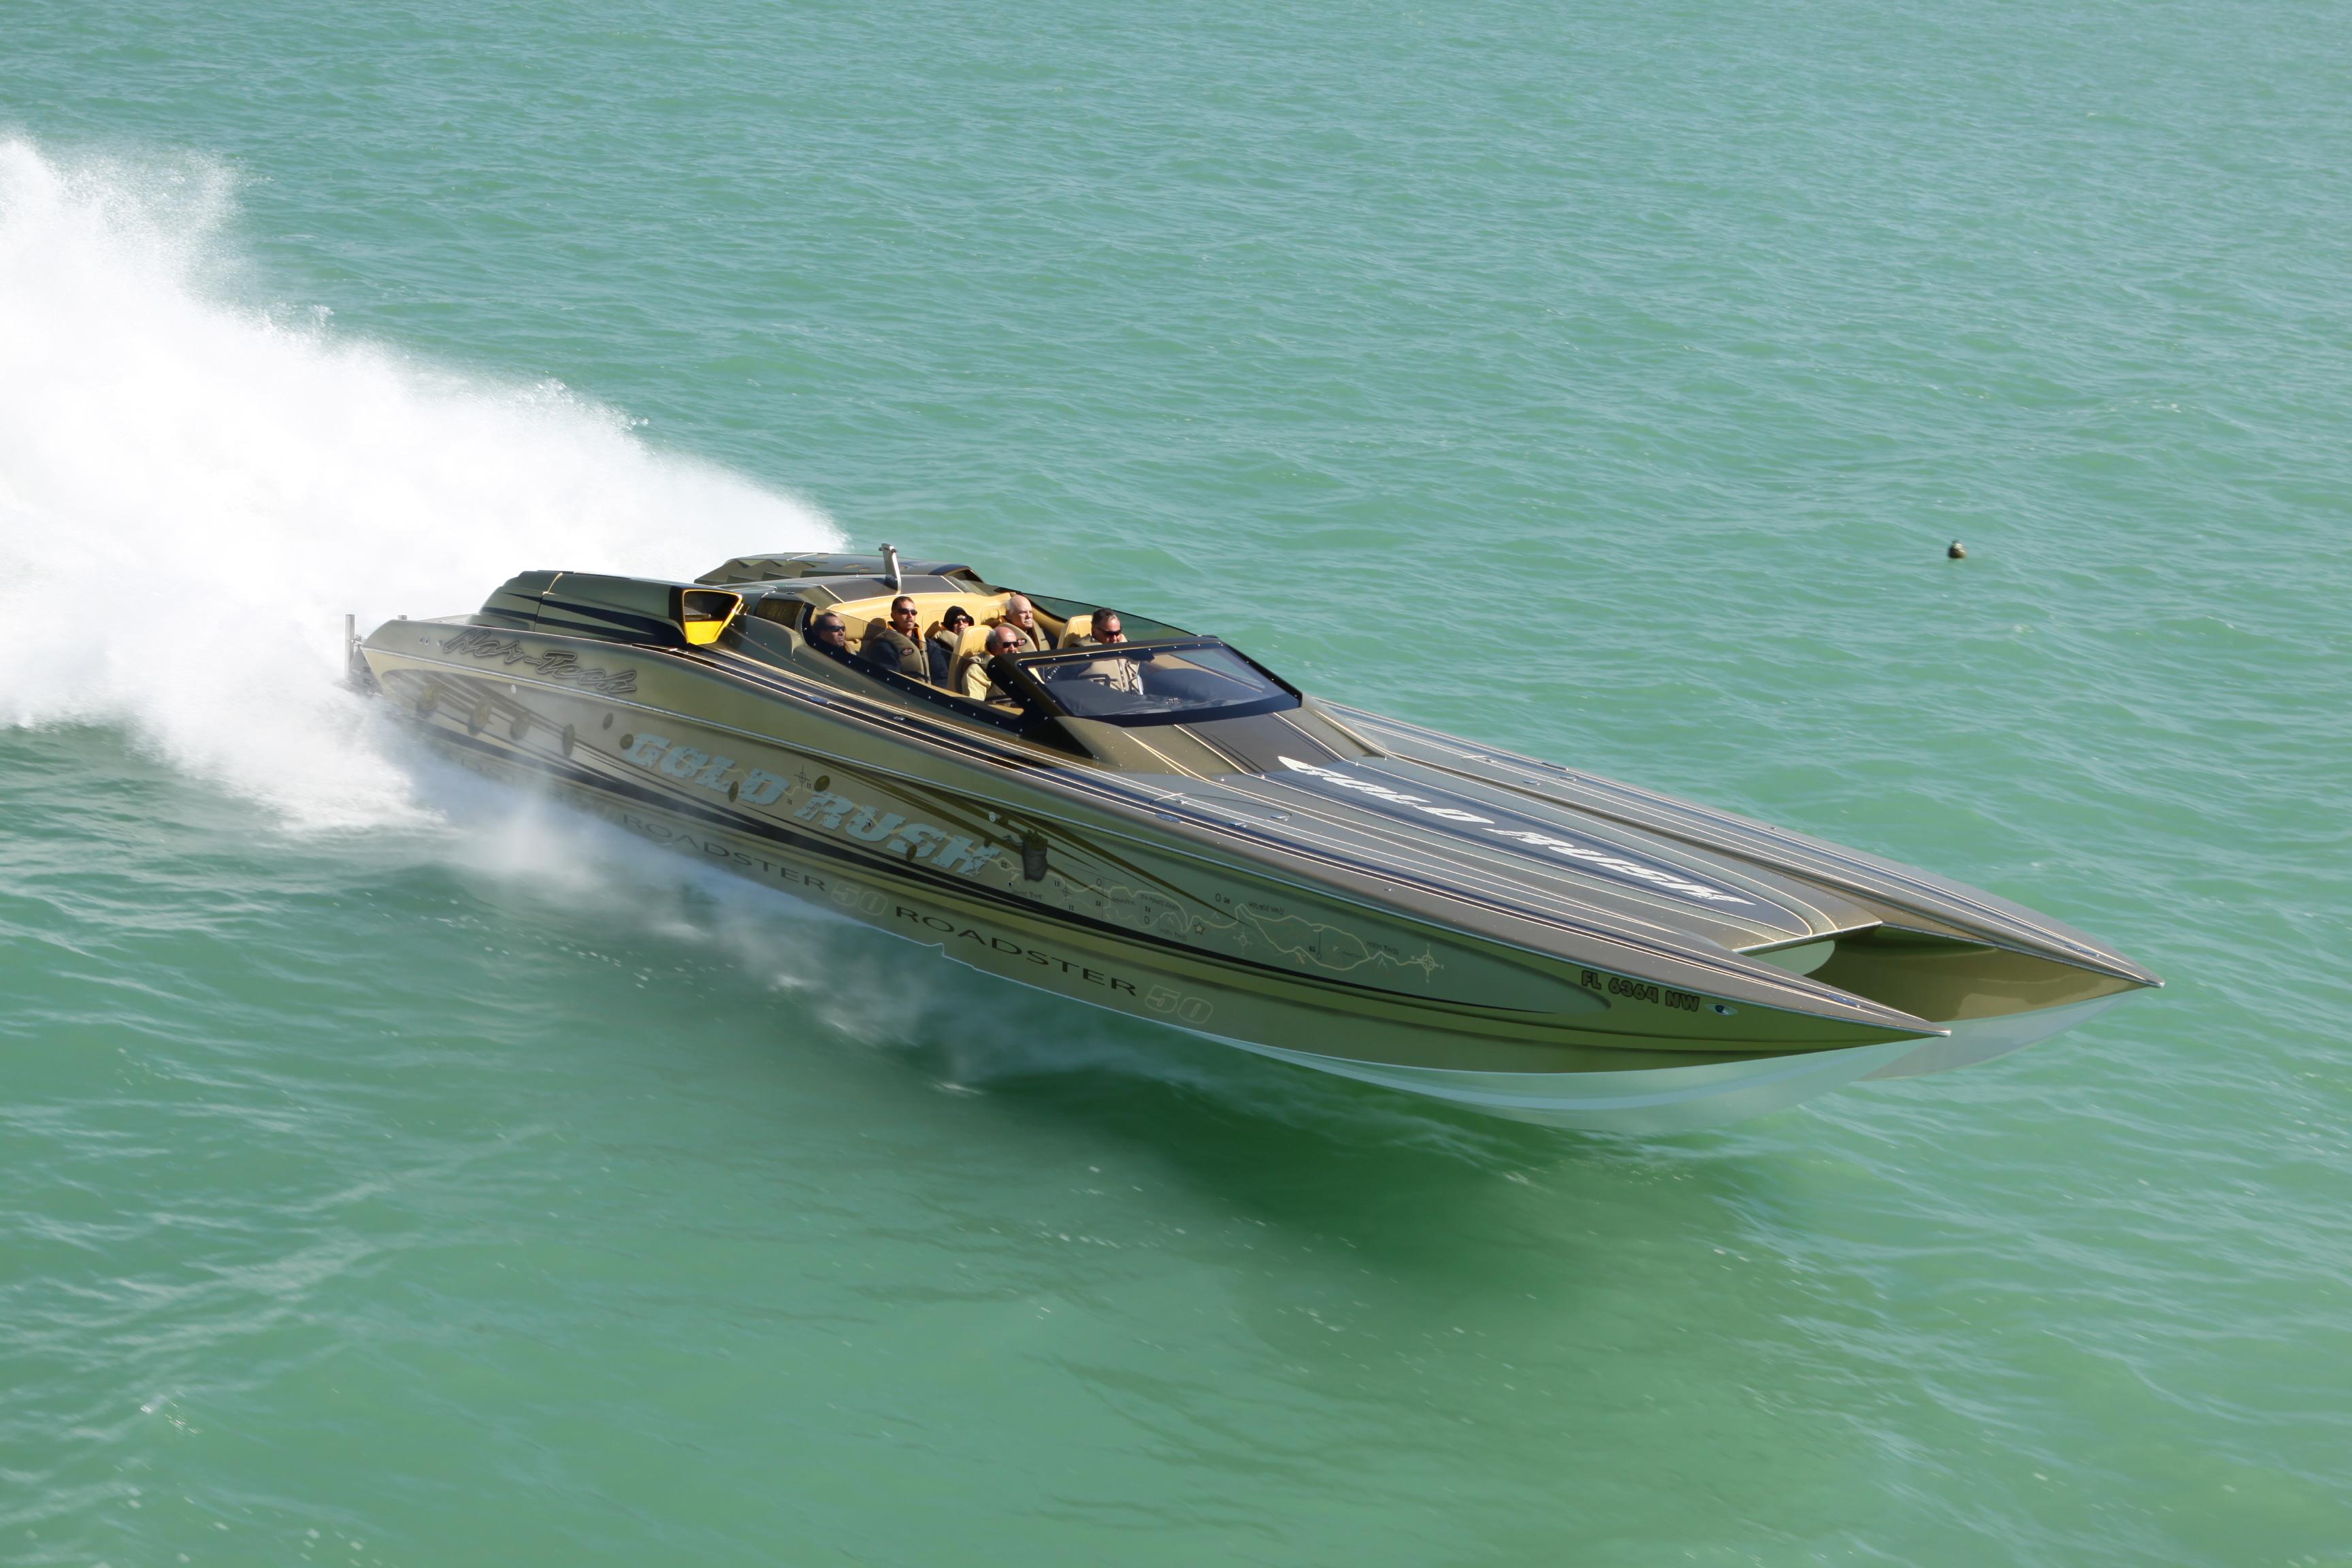 Key West Poker Run 50 Nortech Go Fast Boat Atlantic